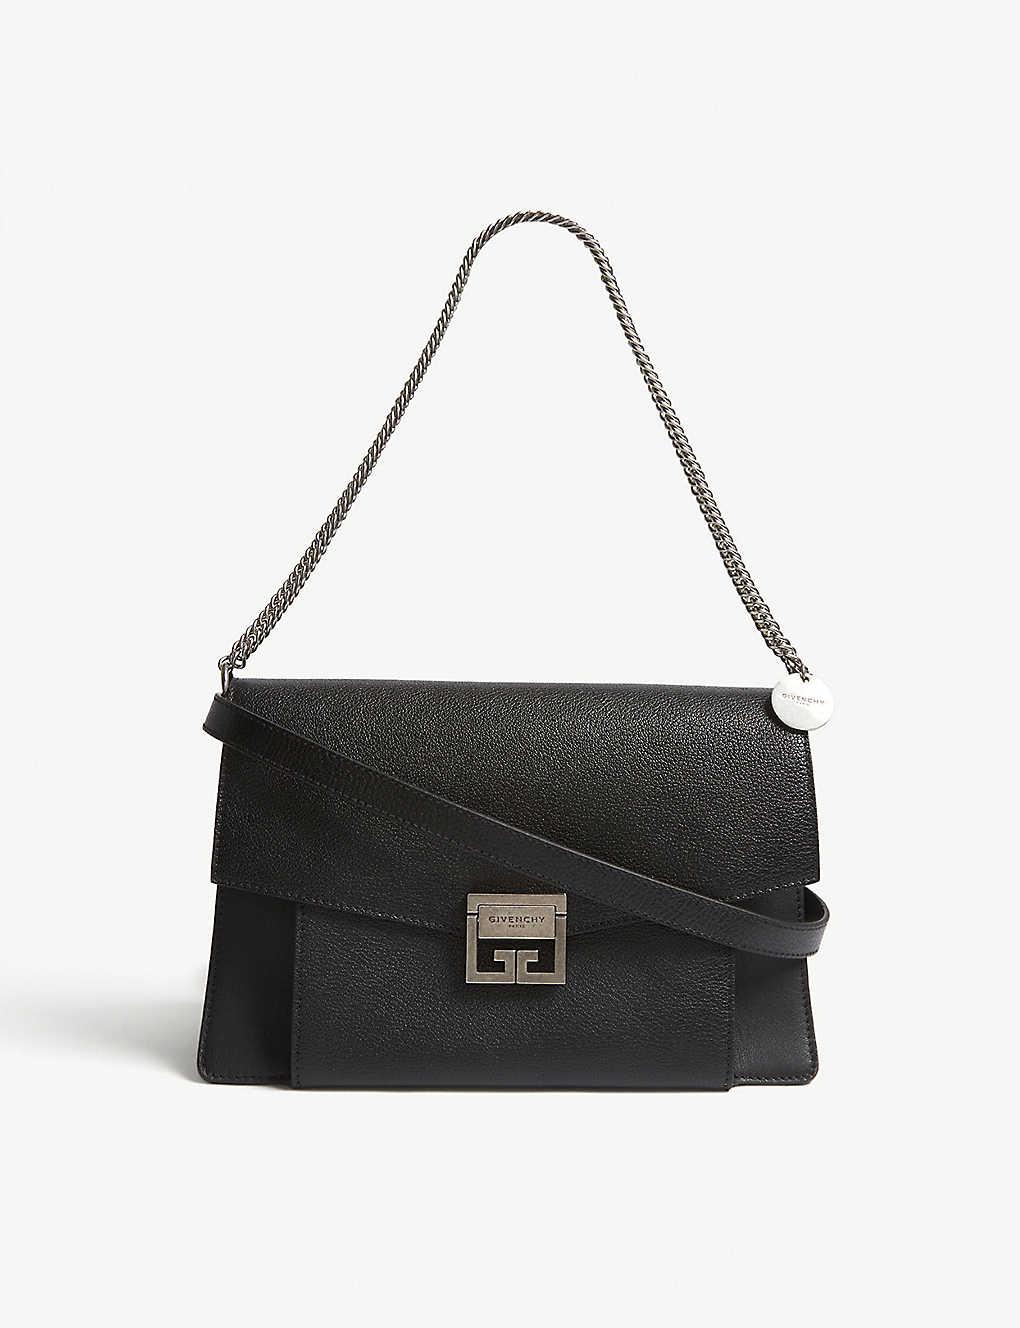 021457116d23 GIVENCHY - GV3 medium leather shoulder bag